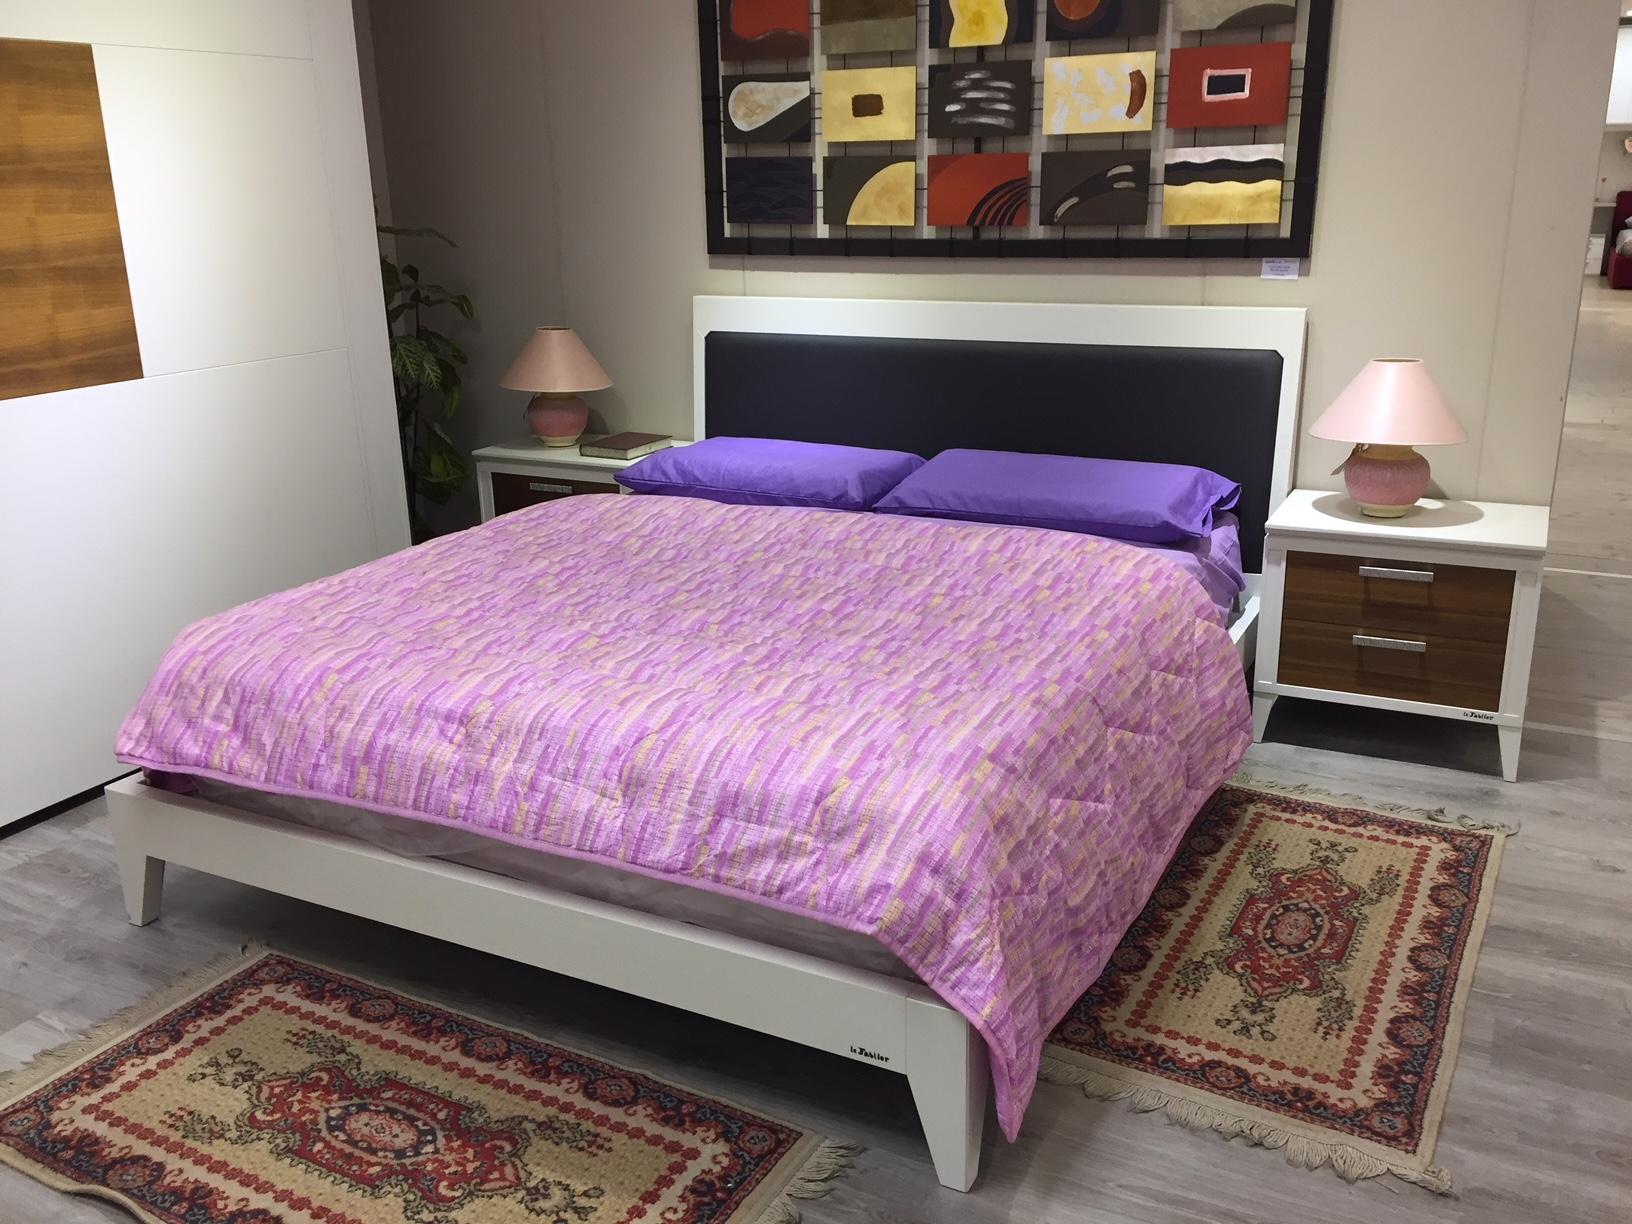 Camera le fablier melograno camere a prezzi scontati - Fablier camere da letto ...